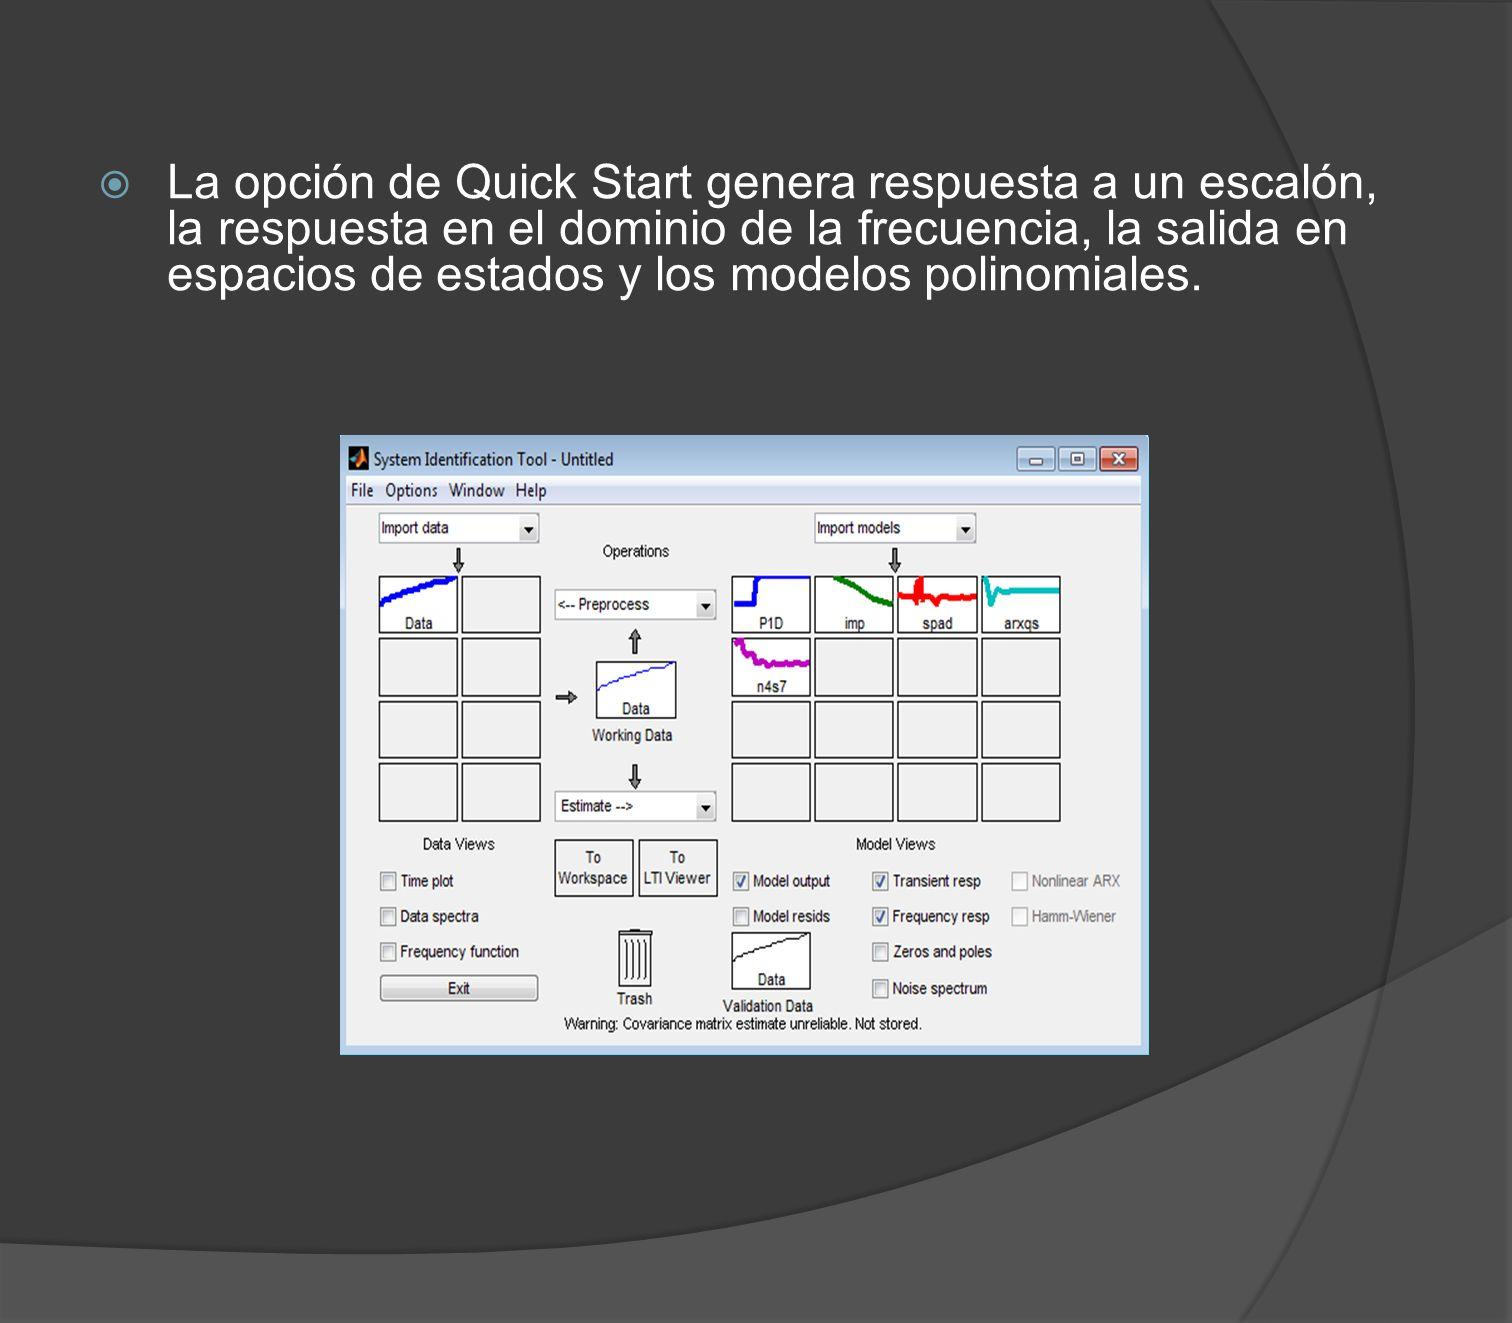 La opción de Quick Start genera respuesta a un escalón, la respuesta en el dominio de la frecuencia, la salida en espacios de estados y los modelos po